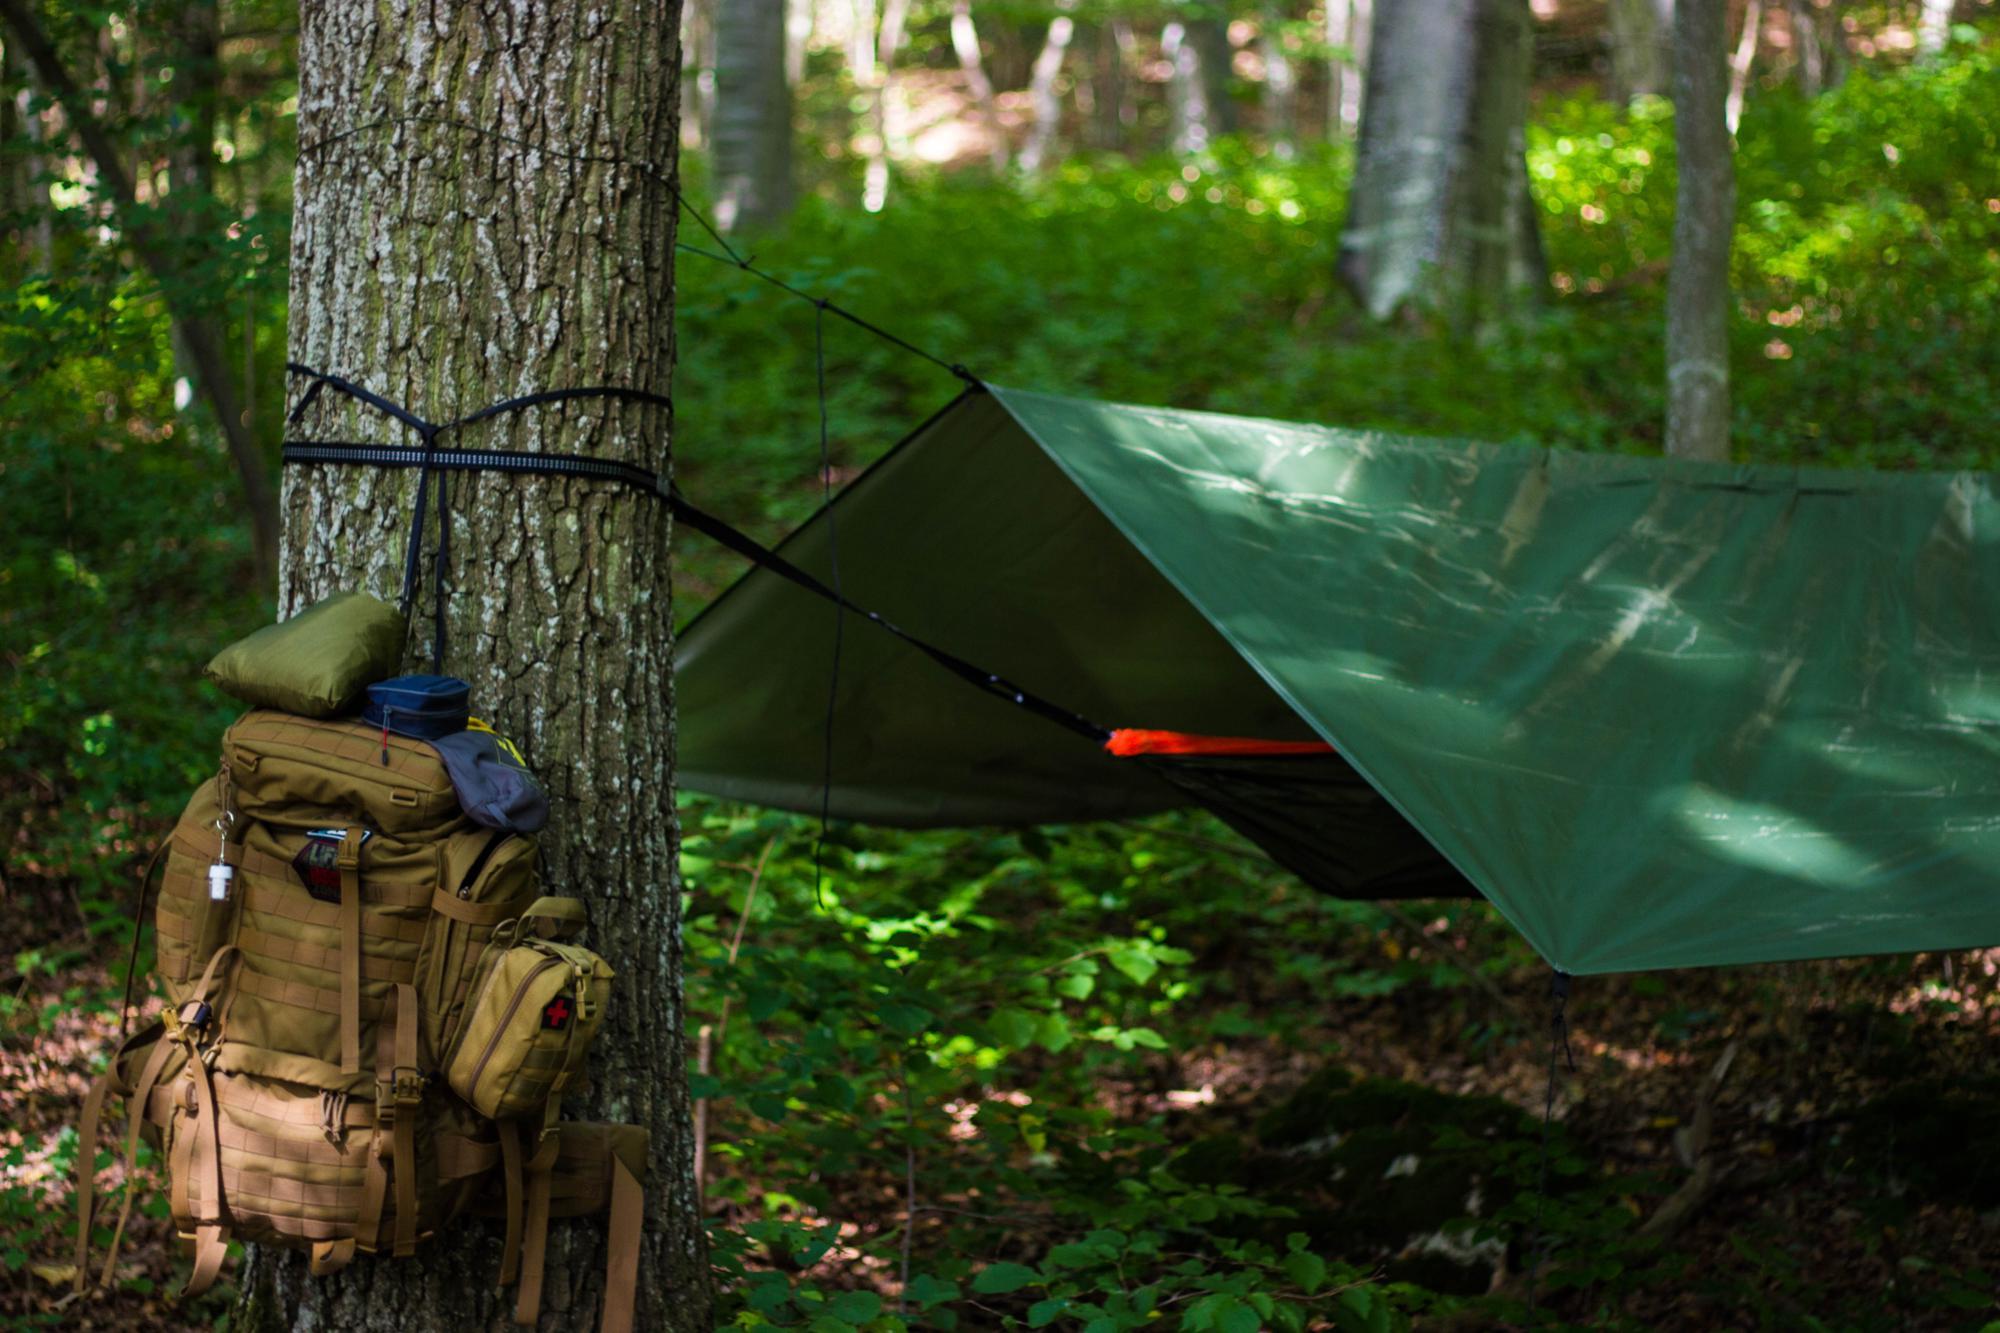 Almost Wild Campsites – Wild Camping Campsites in the UK